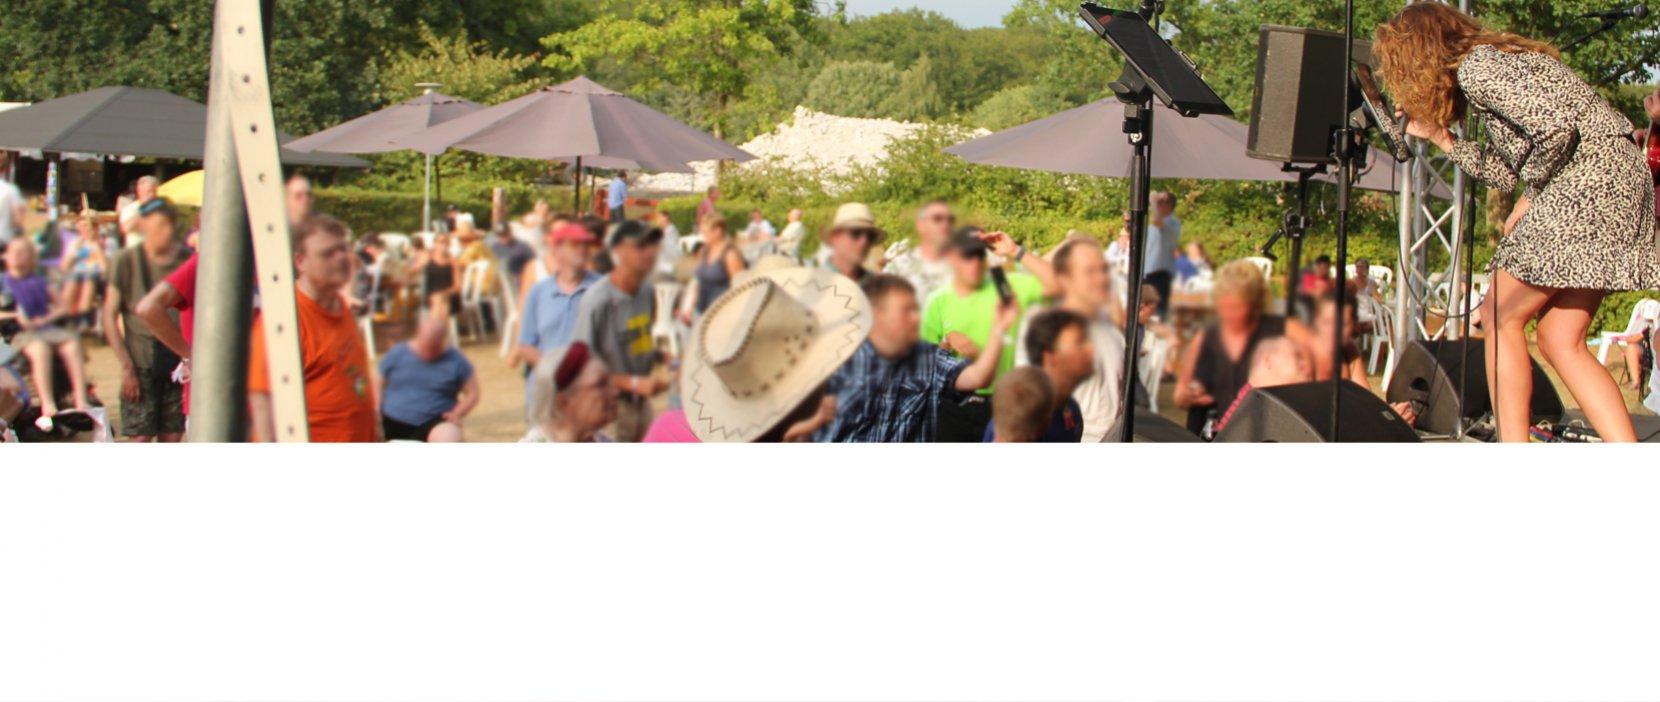 Gruppen Millas optræder foran et begejstret publikum på musikfestivalen